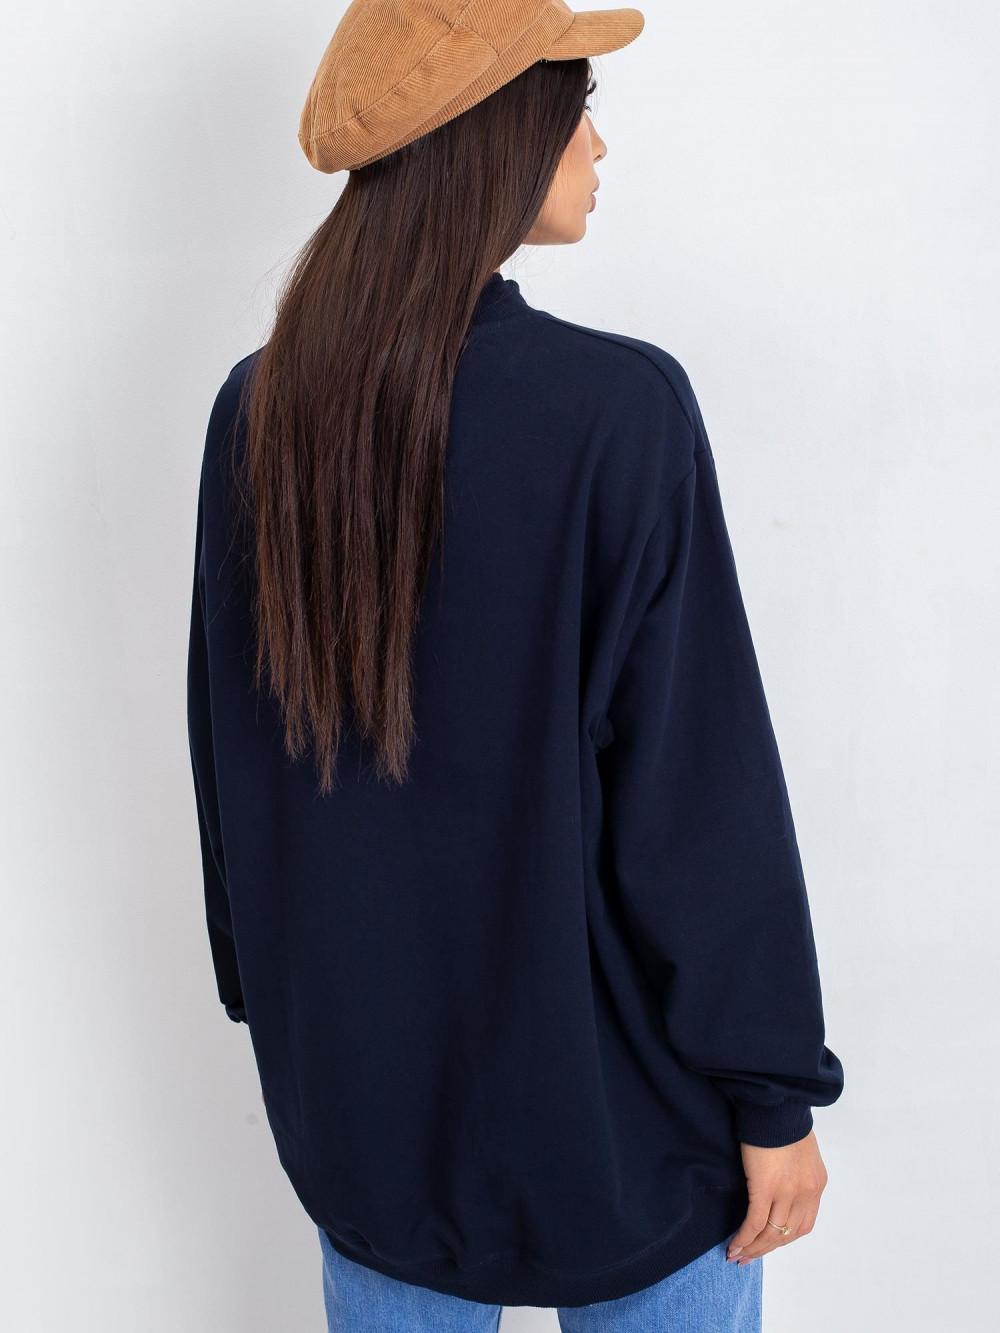 Granatowa bluza z ściągaczami Vicenza 4